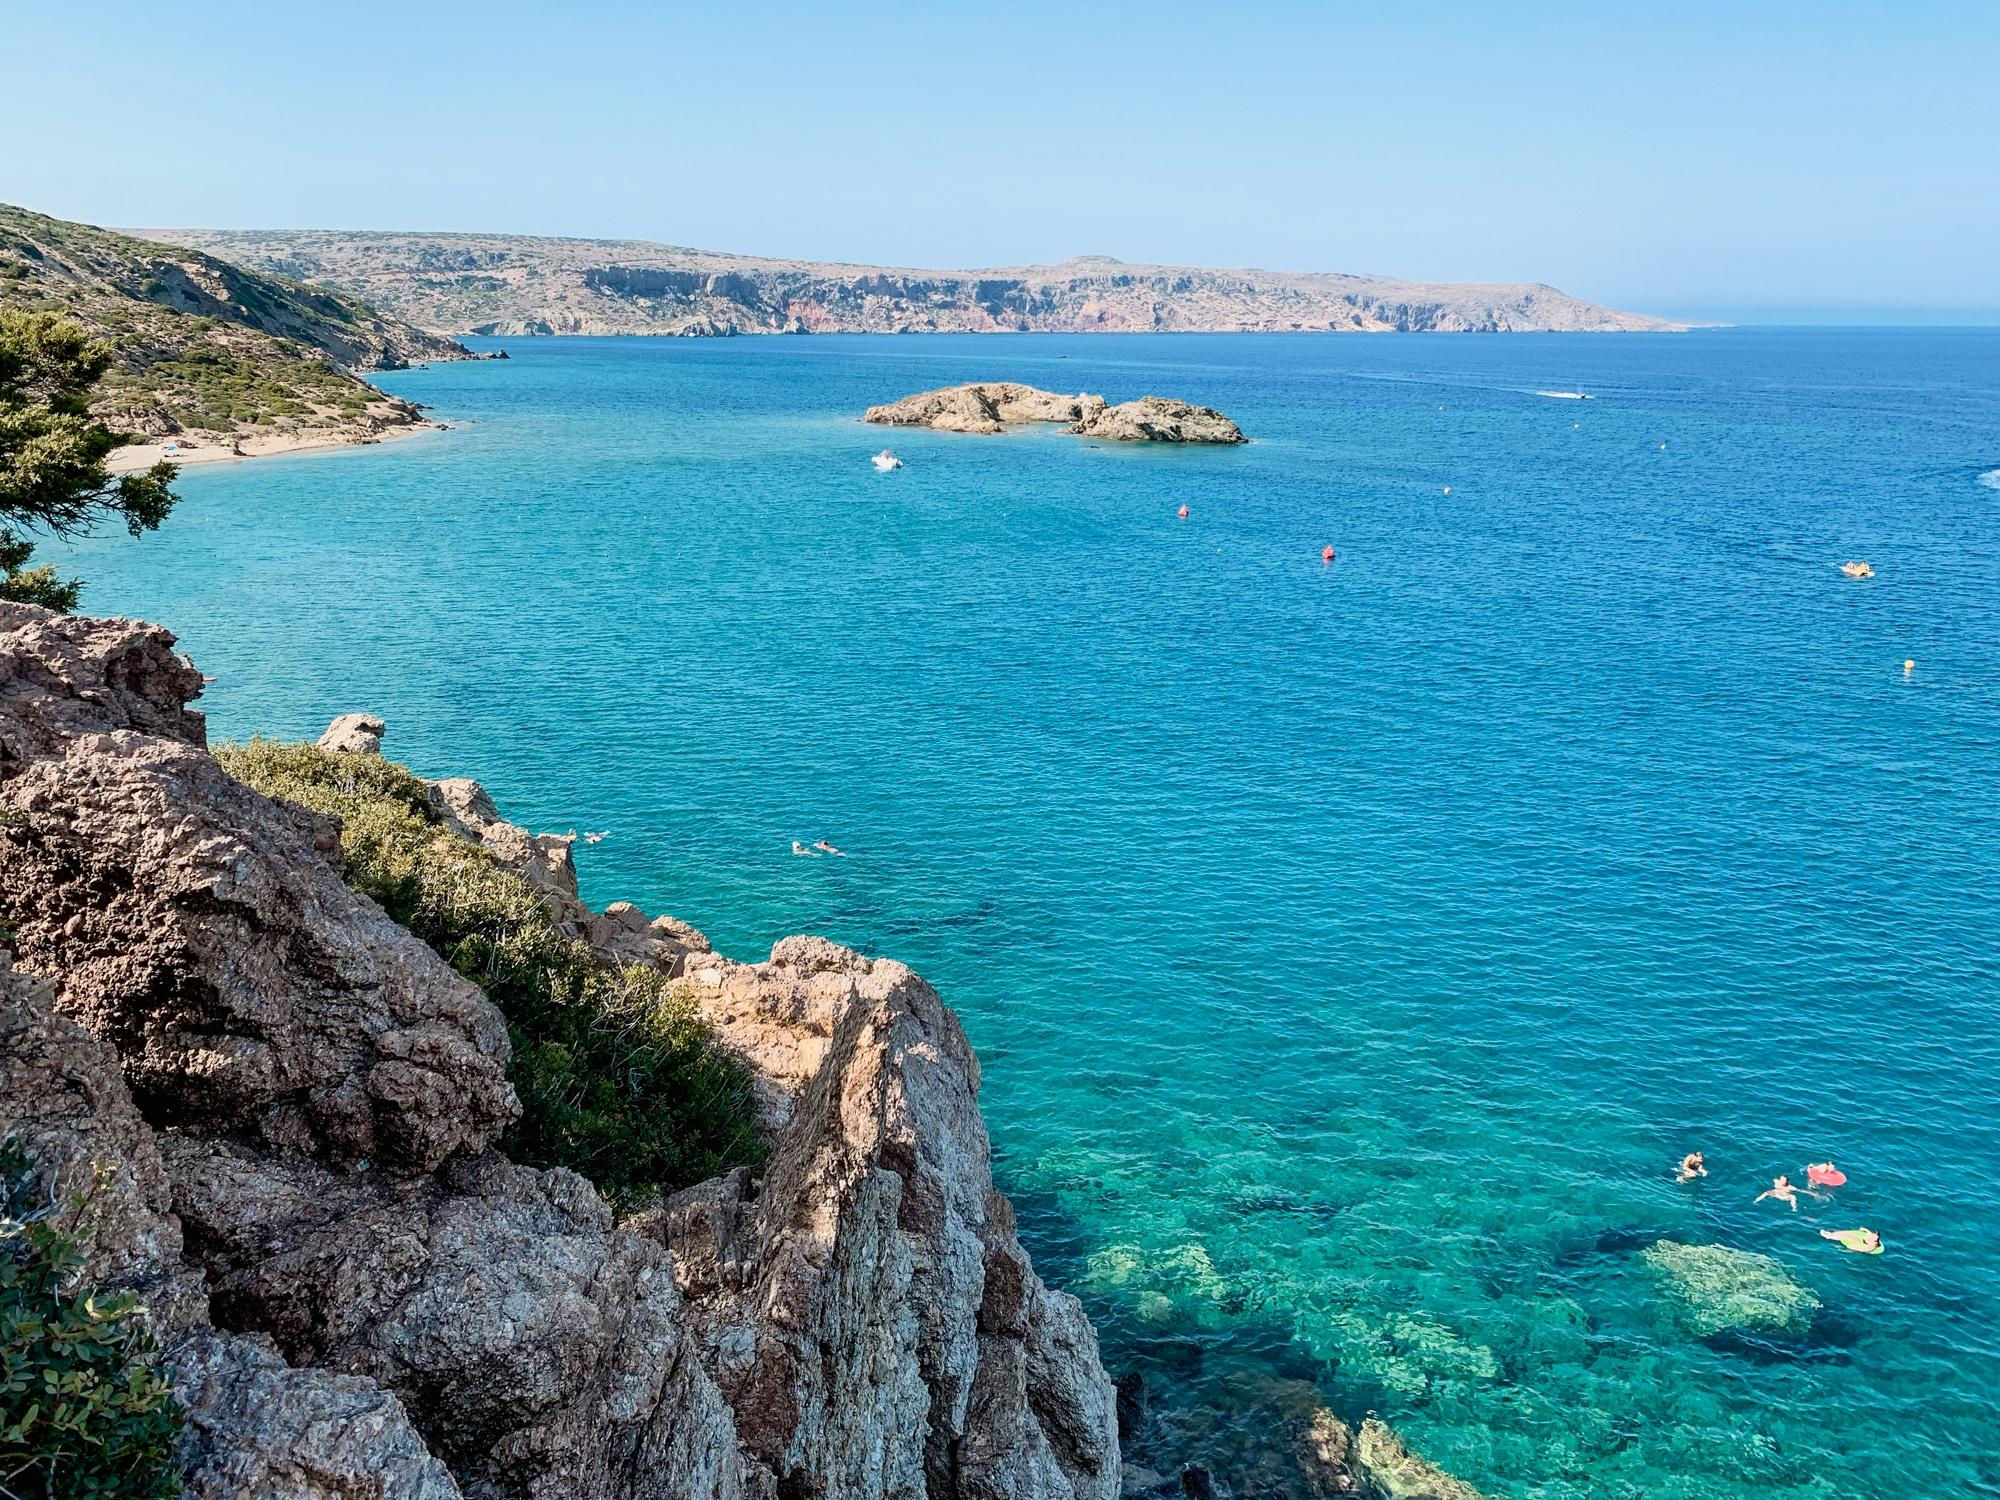 Schönste Strände auf Kreta: Das sind die sechs schönsten Kreta Strände - Psili Ammos Beach